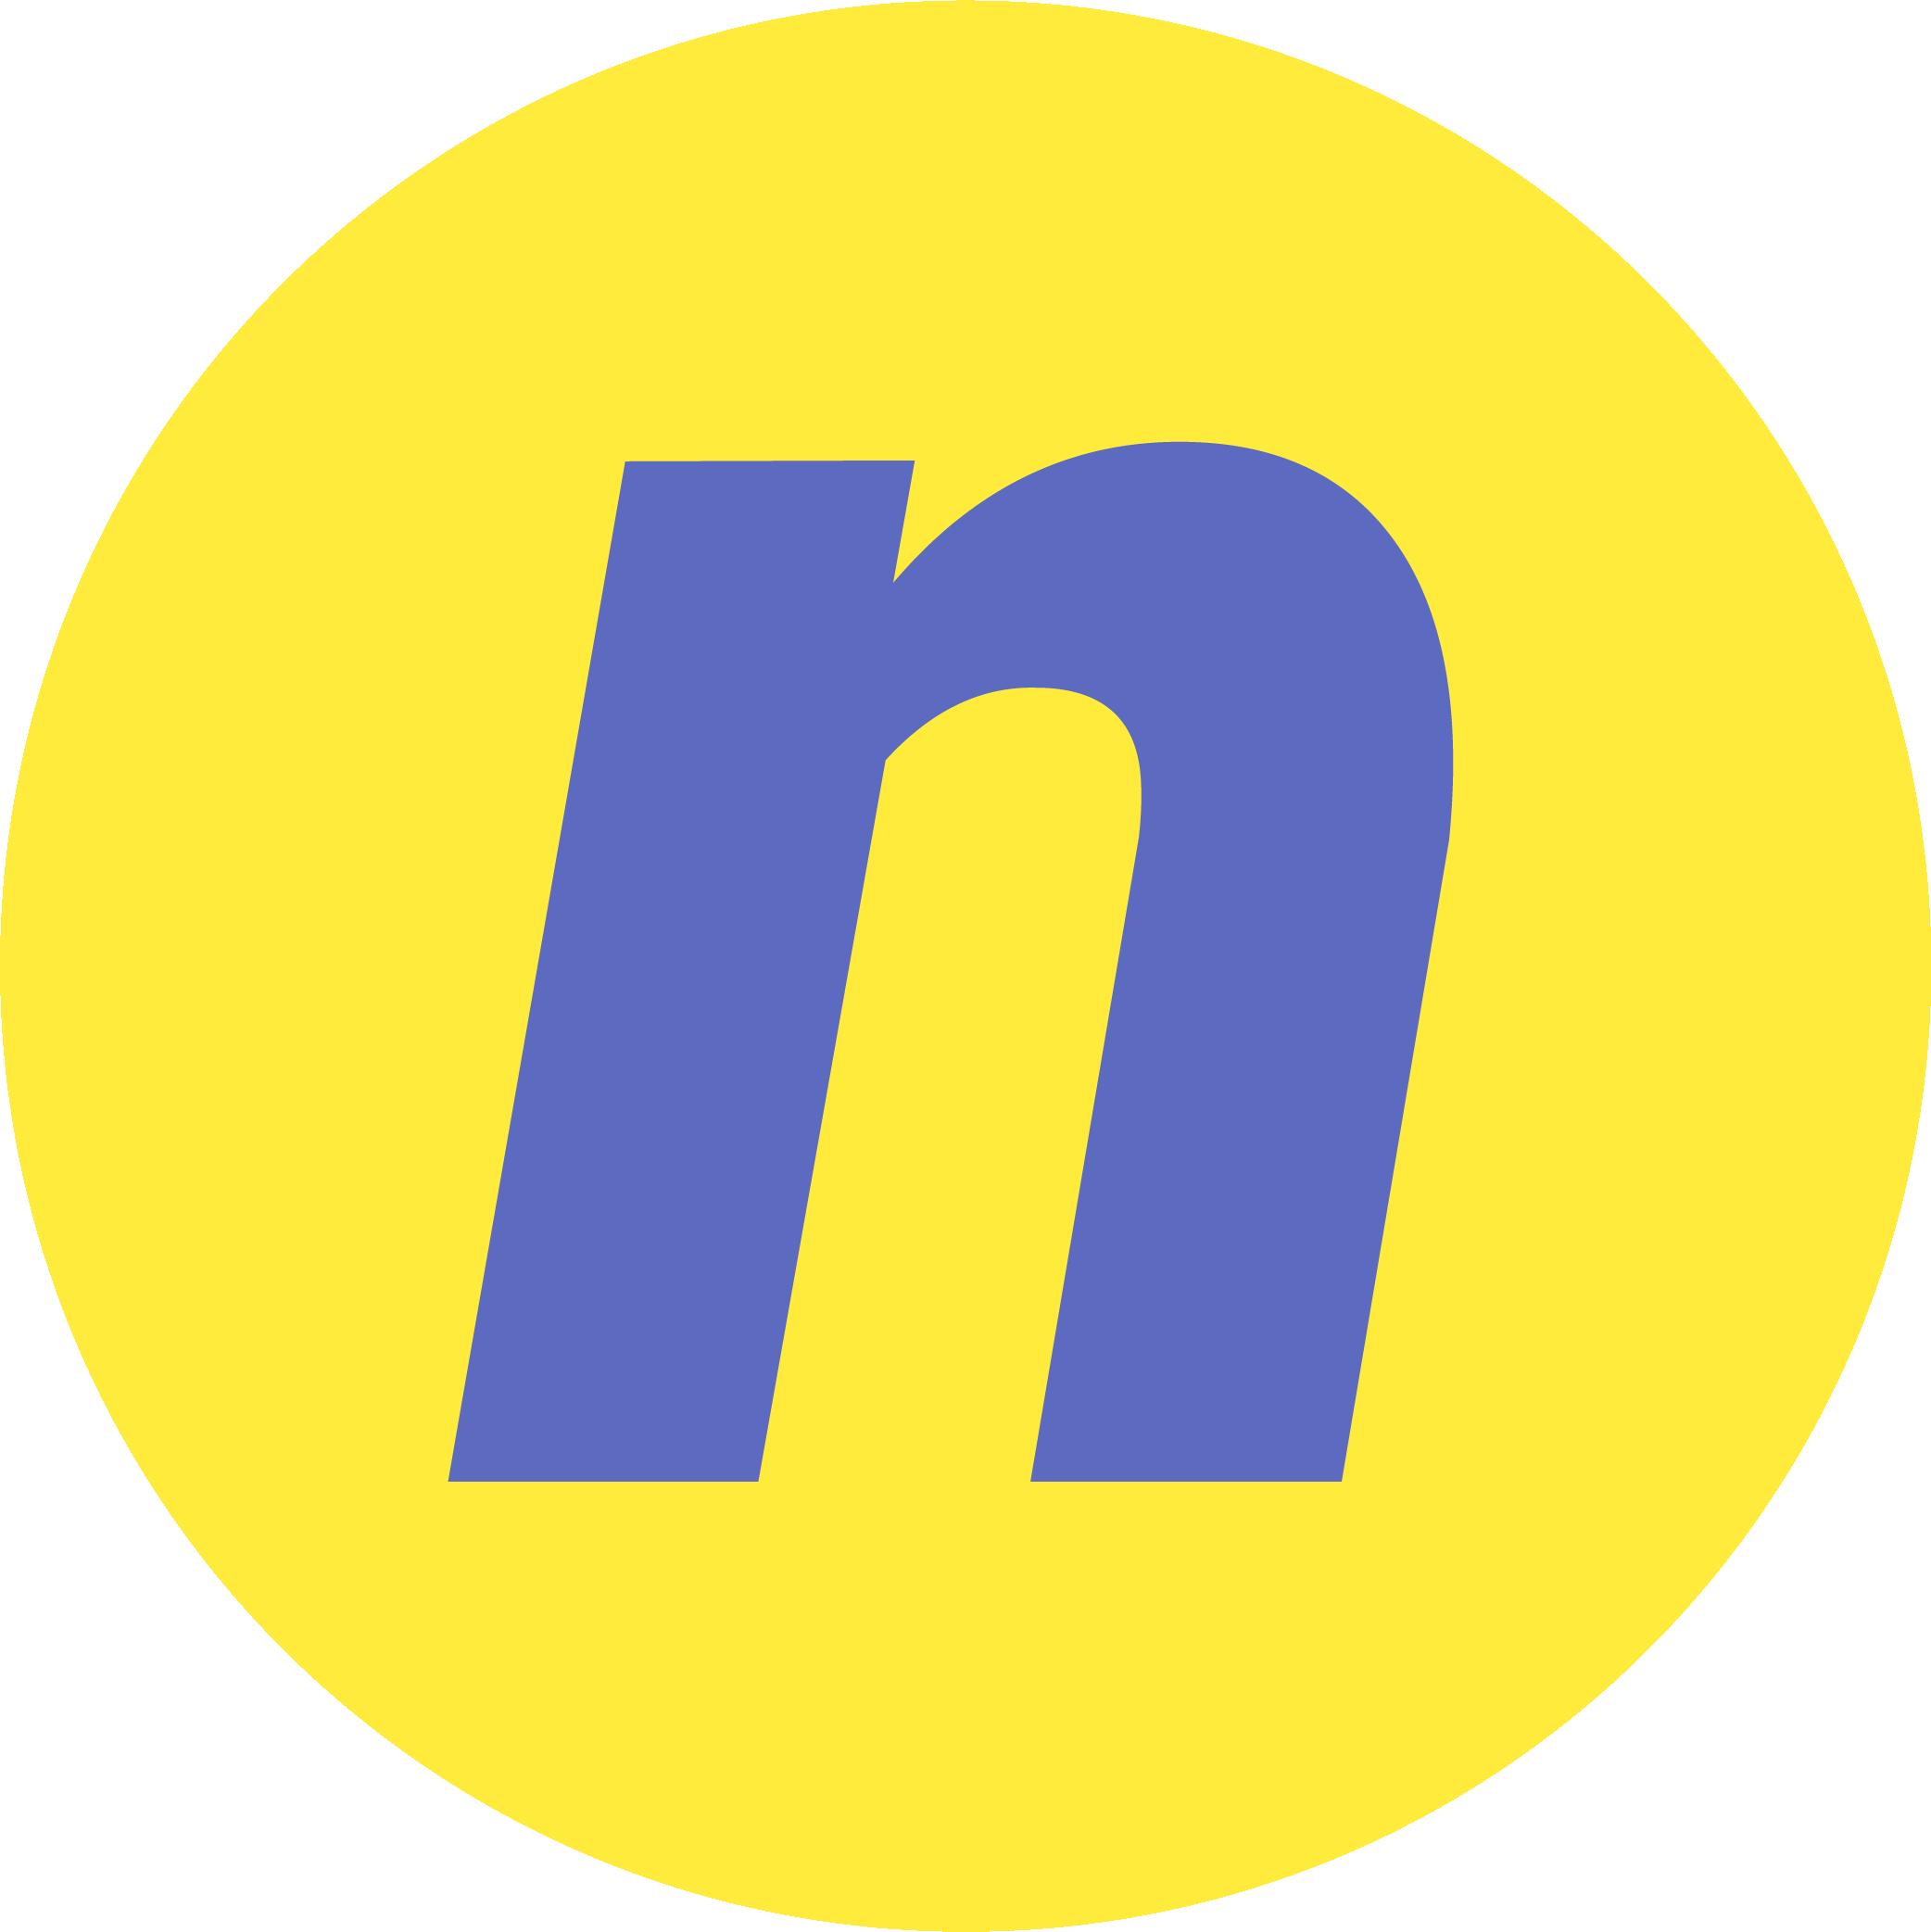 Askneo